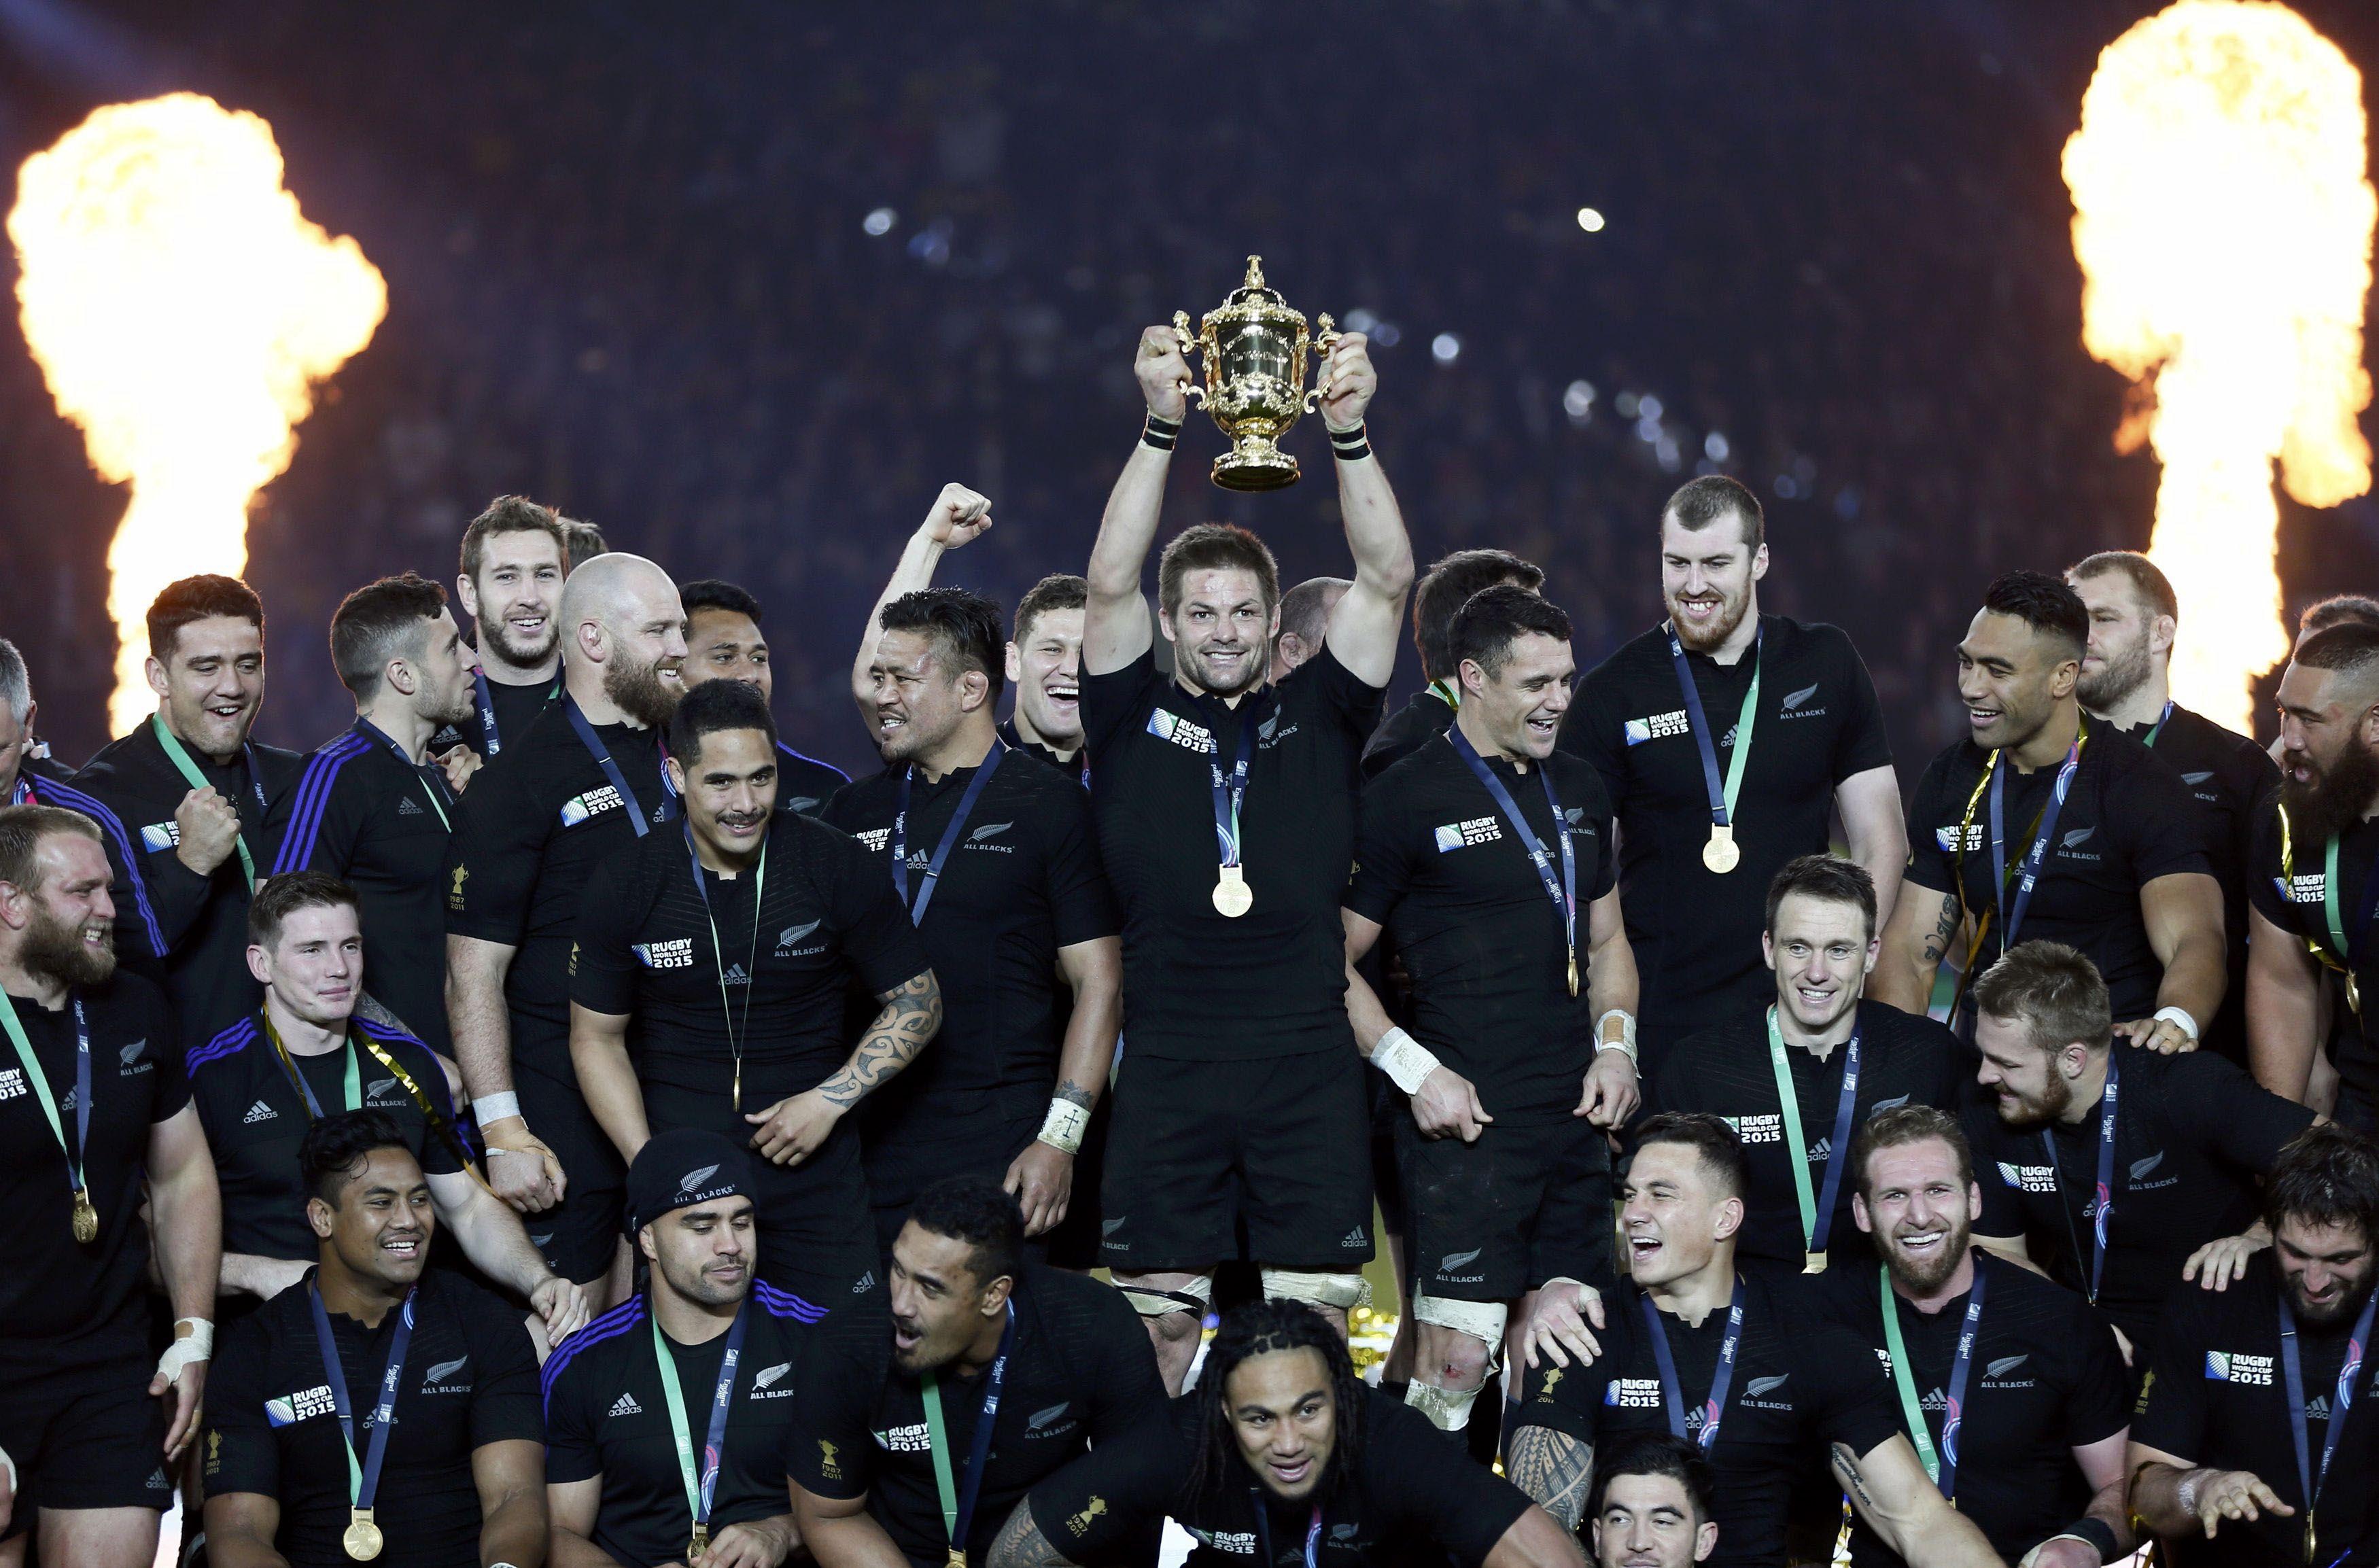 les all blacks d u00e9finitivement seuls au sommet de la plan u00e8te ovale - coupe du monde 2015